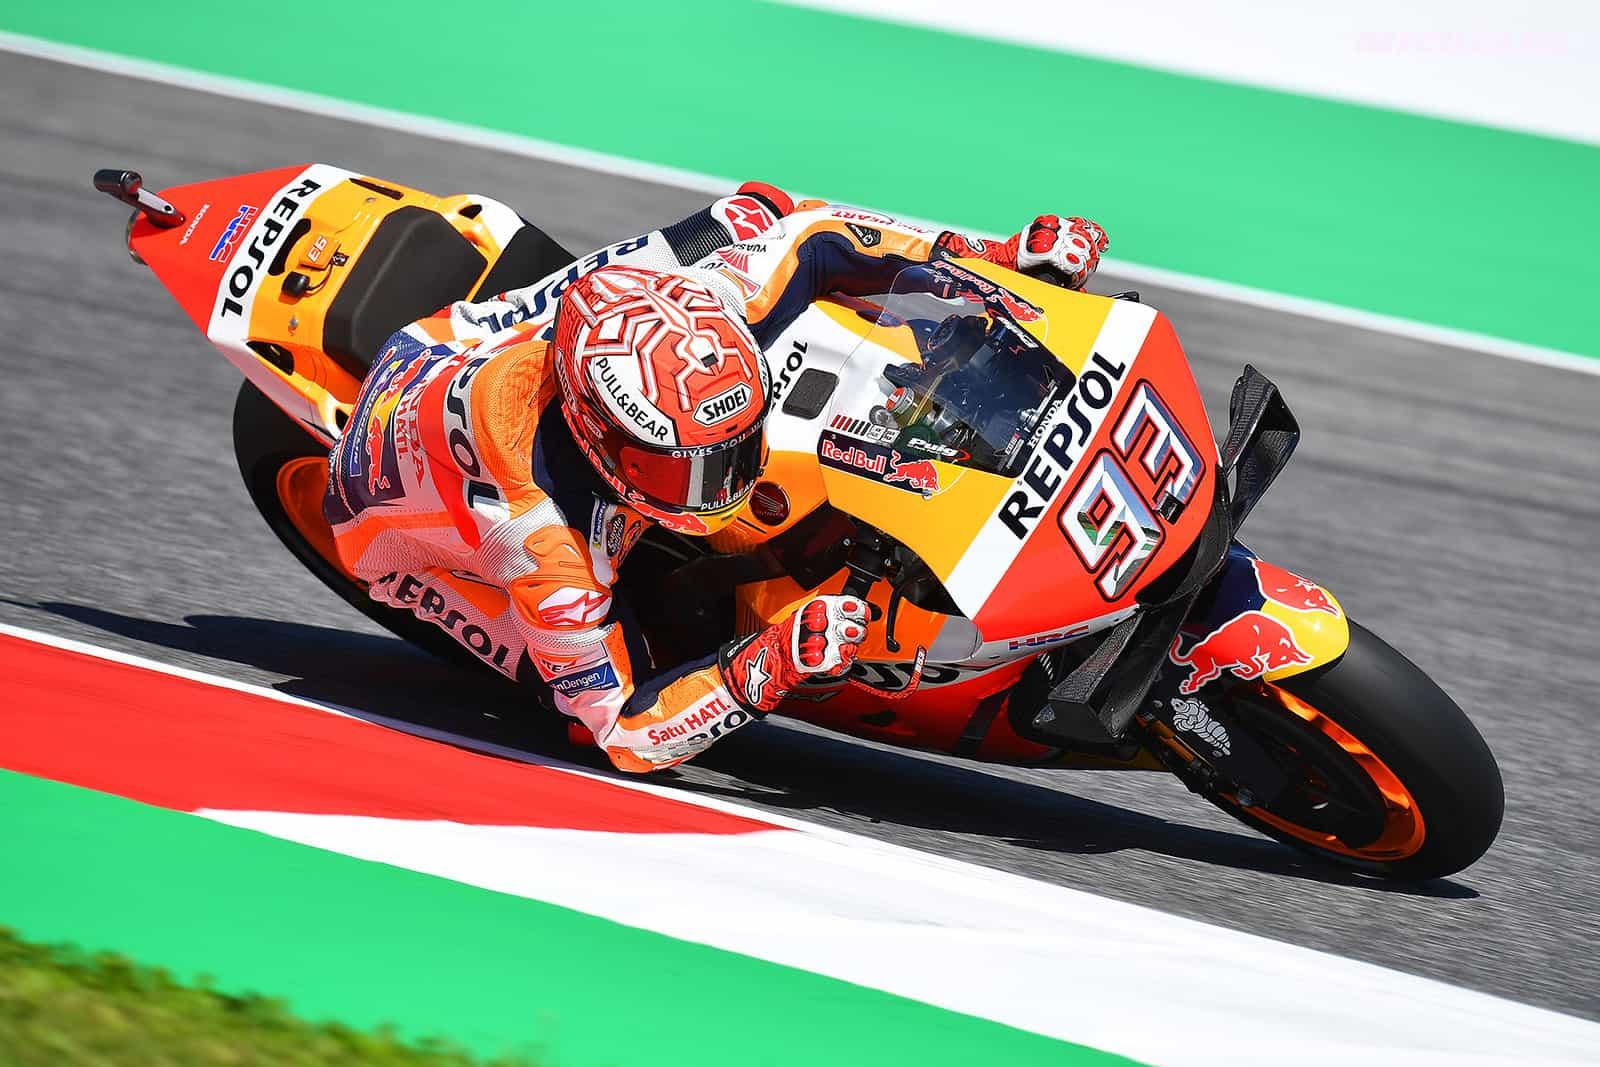 MotoGP2019イタリアGP マルケス「風邪をひいて新品タイヤを使用せずとも離されていない」